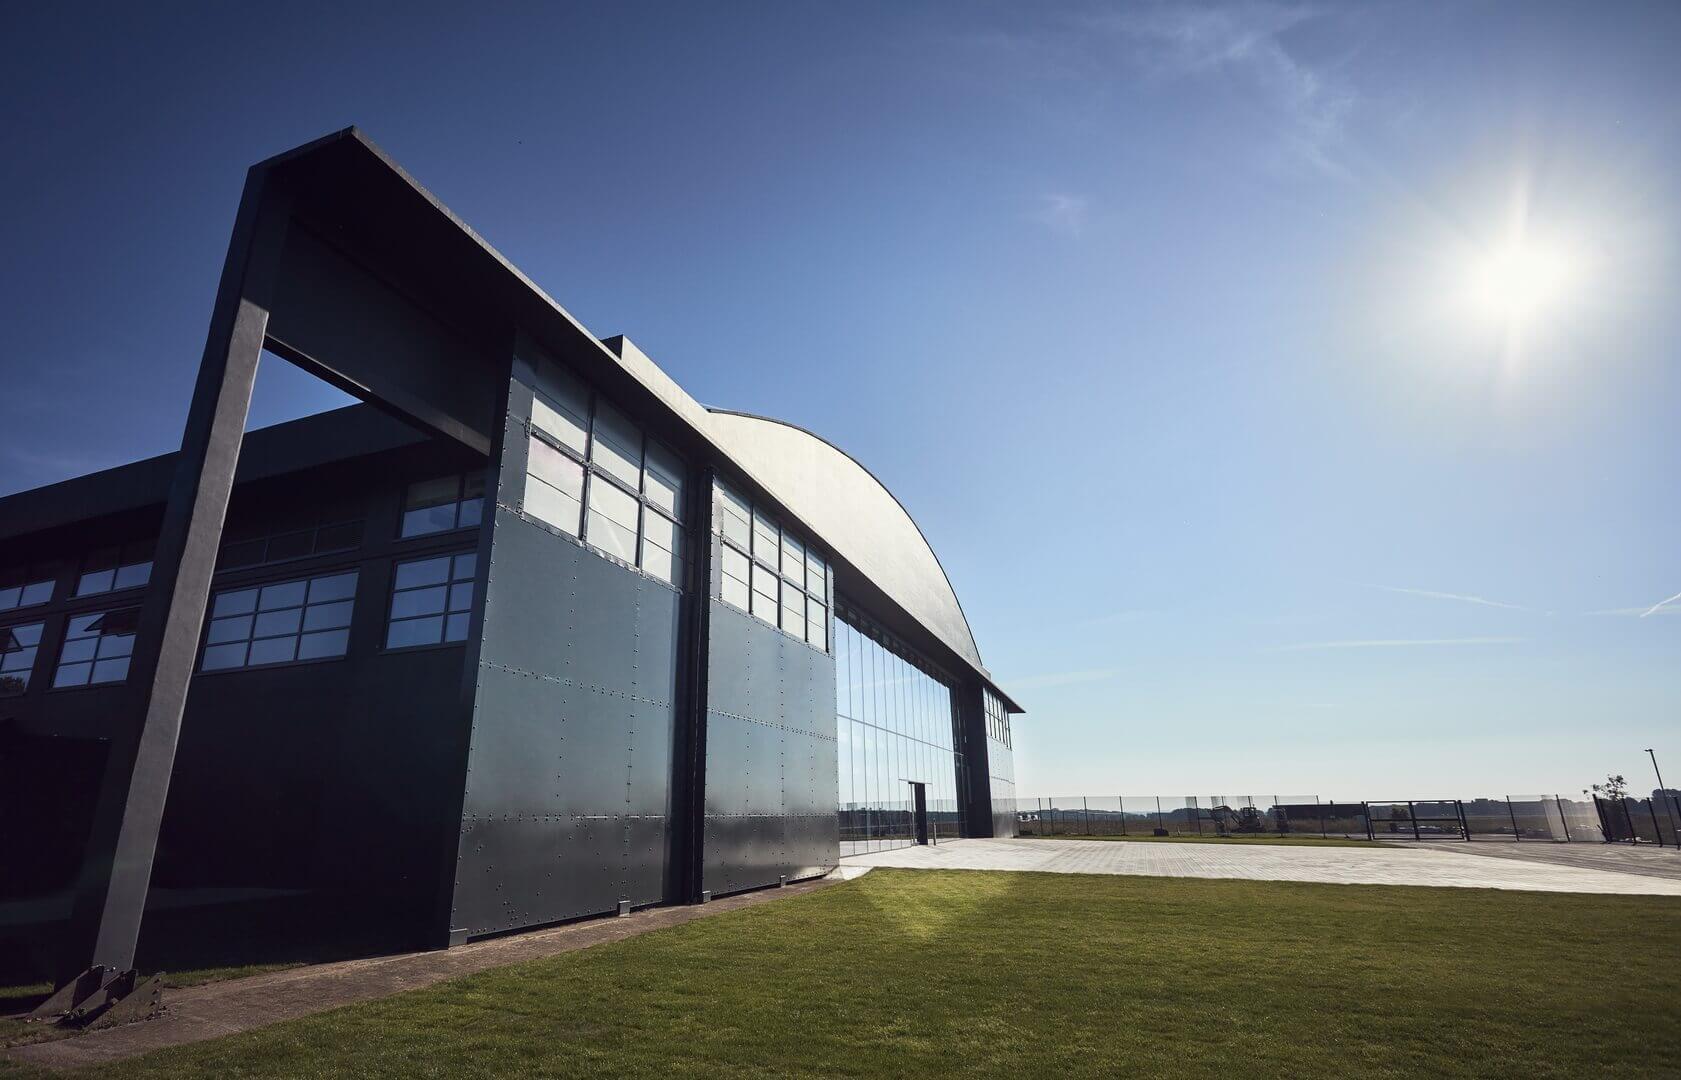 Ангары на бывшем аэродроме RAF Hullavington в Халлавингтоне для проектирования, разработки и испытаний электромобилей Dyson